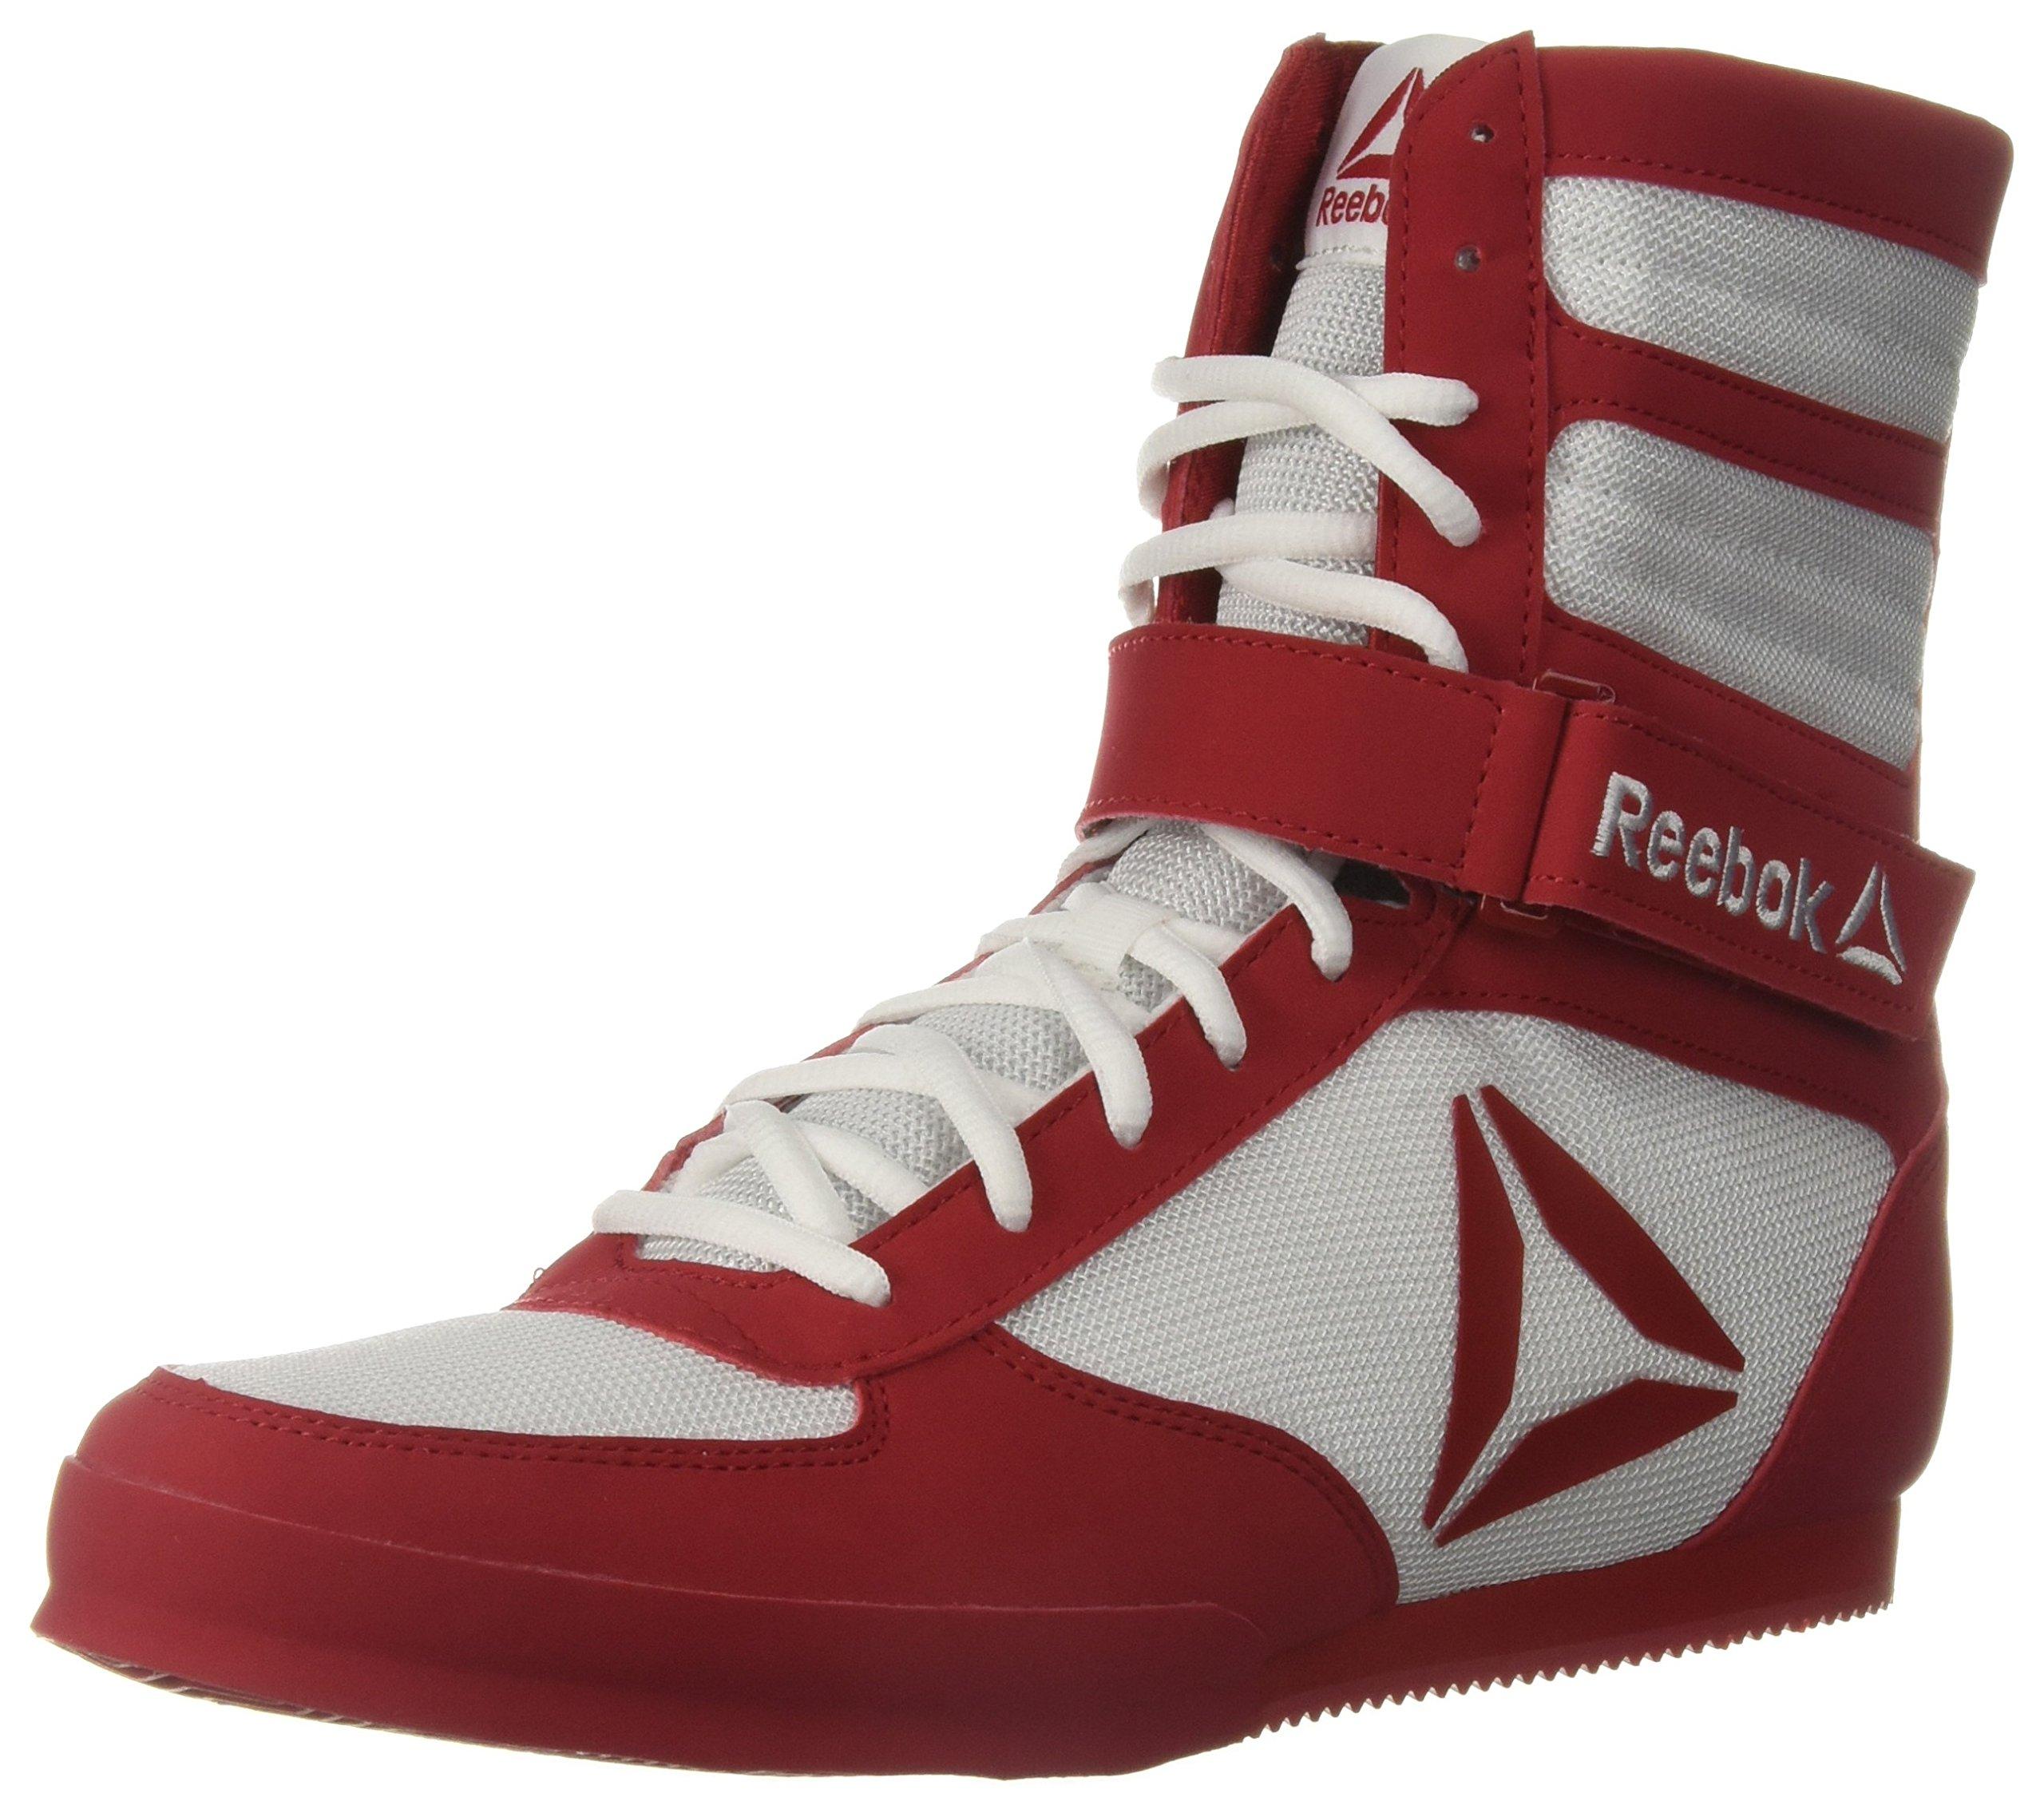 new product e3c06 e246f Reebok Men s Boot Boxing Shoe